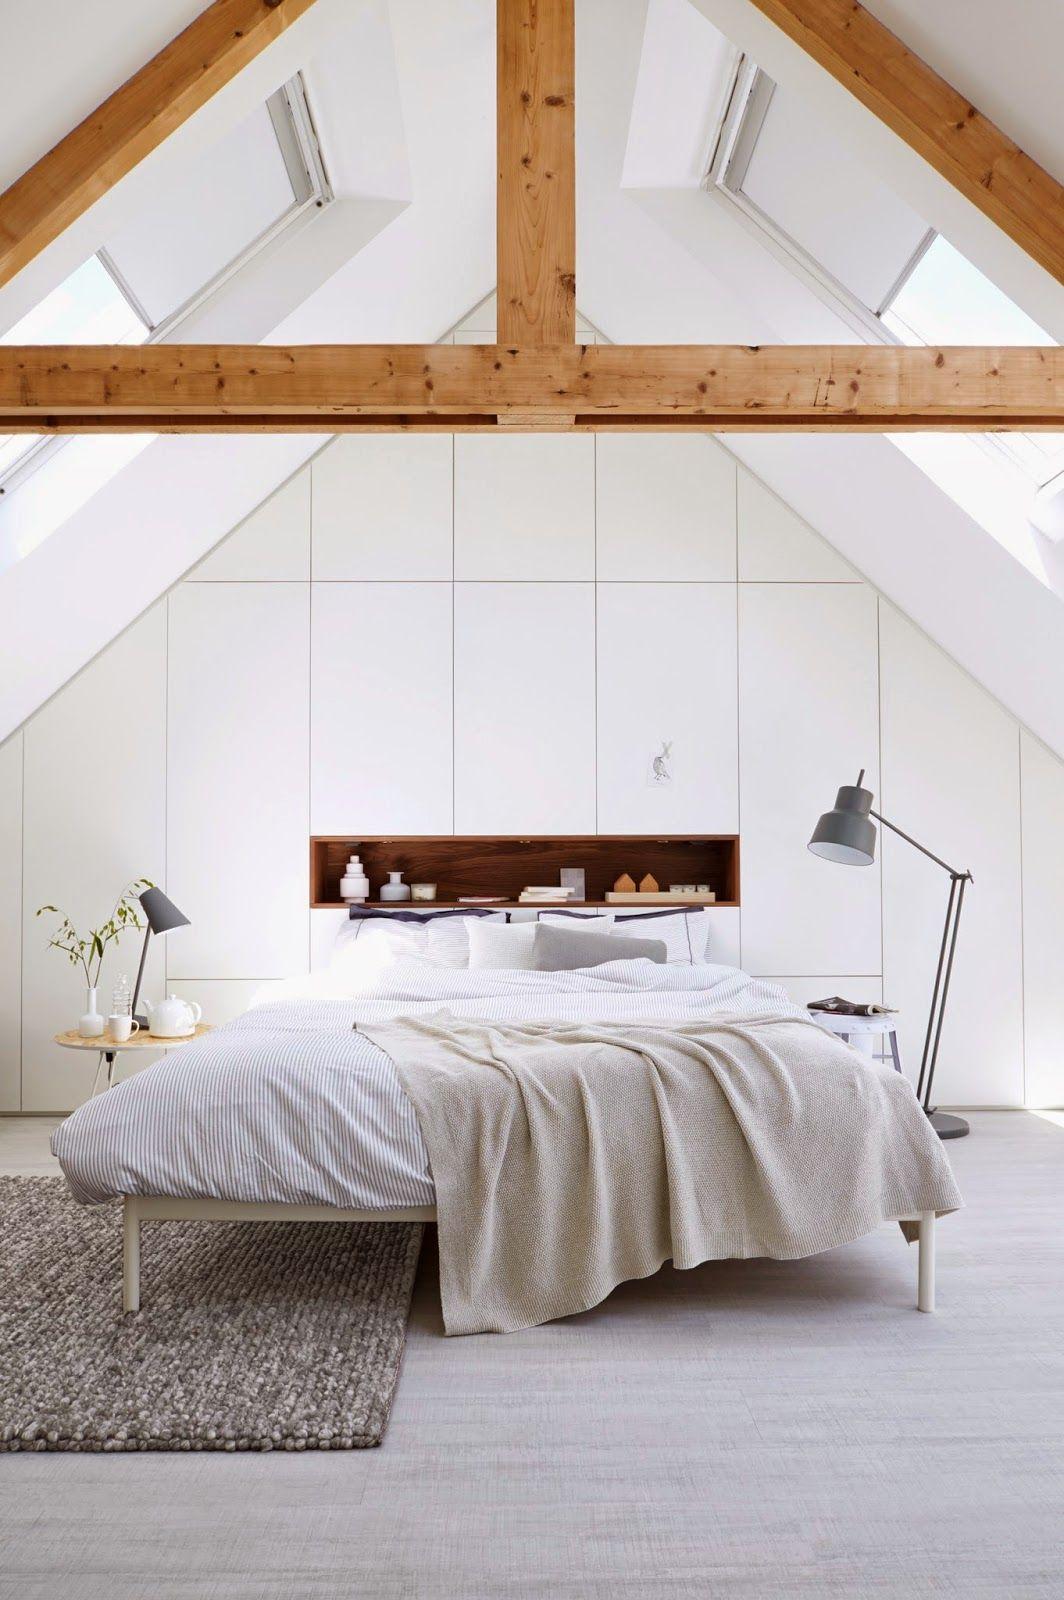 een slaapkamer met schuin plafond inrichten zà doe je dat